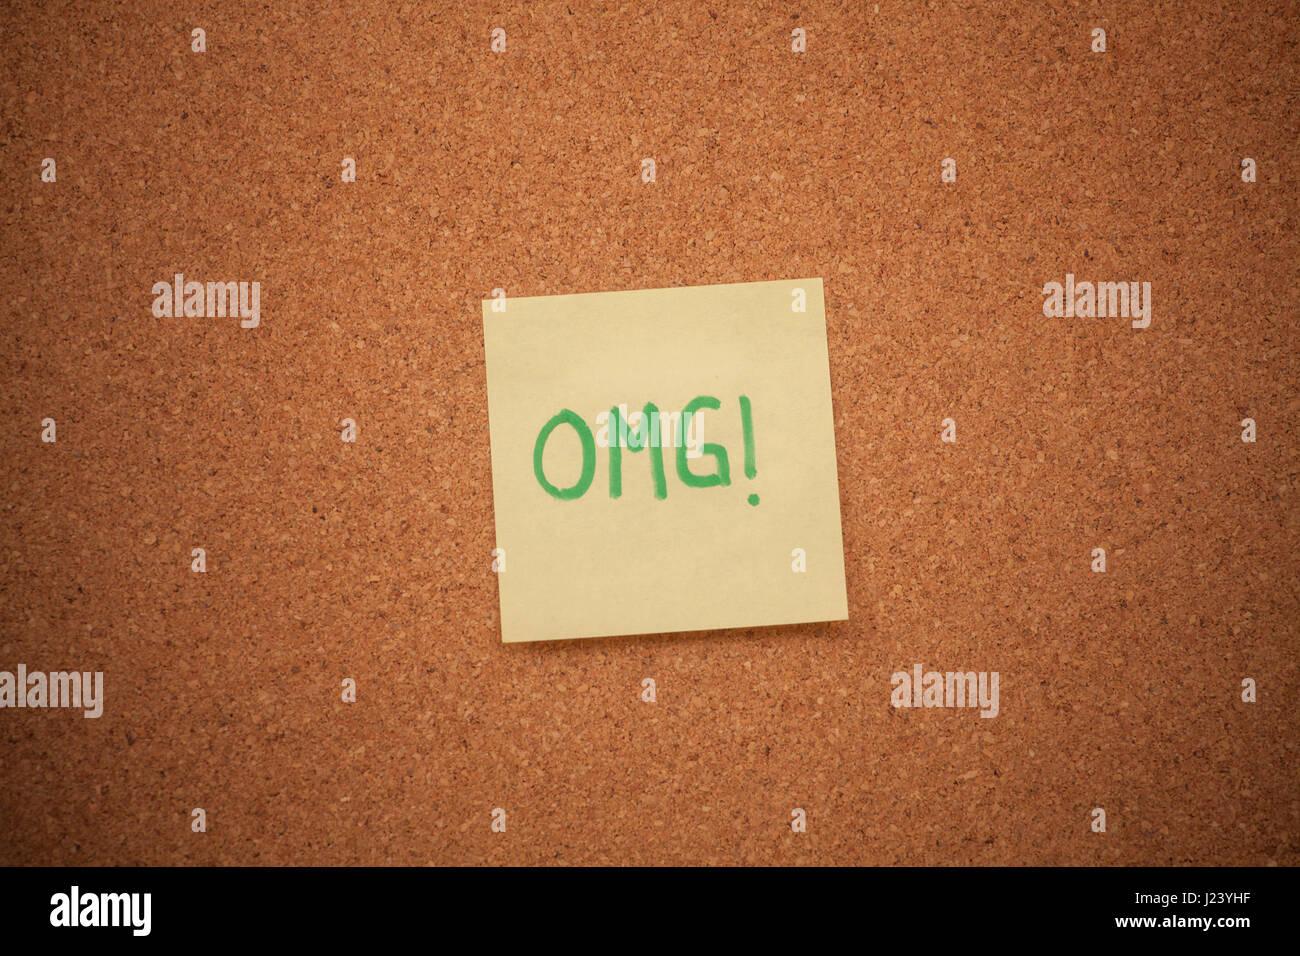 Immagine ravvicinata di una nota di lettura OMG bloccati su una bacheca di sughero. Foto Stock